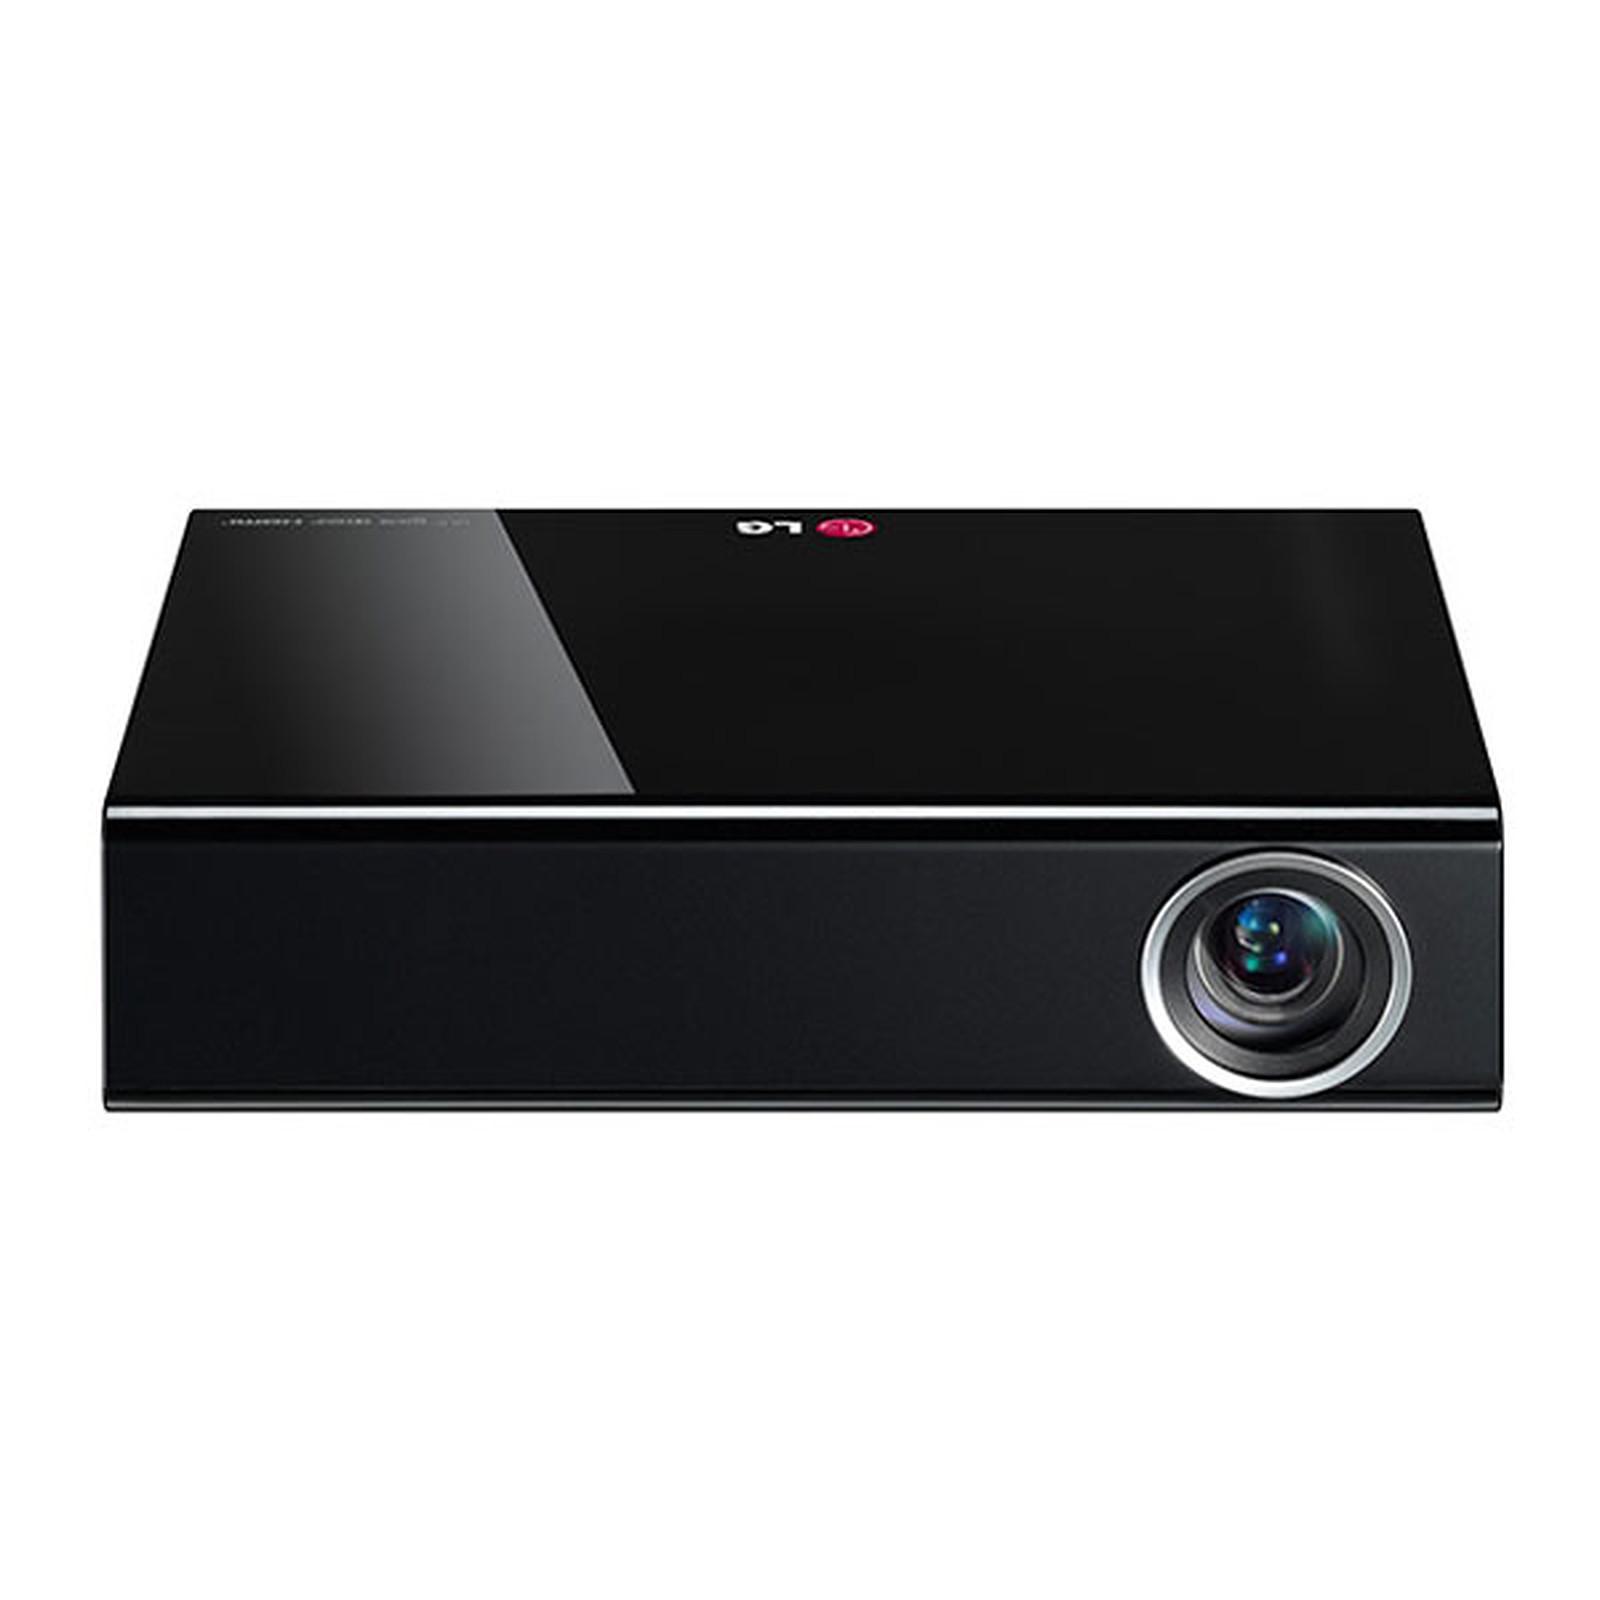 Videoprojecteur Avec Tuner Tv lg pa1000t - vidéoprojecteur lg sur ldlc | muséericorde